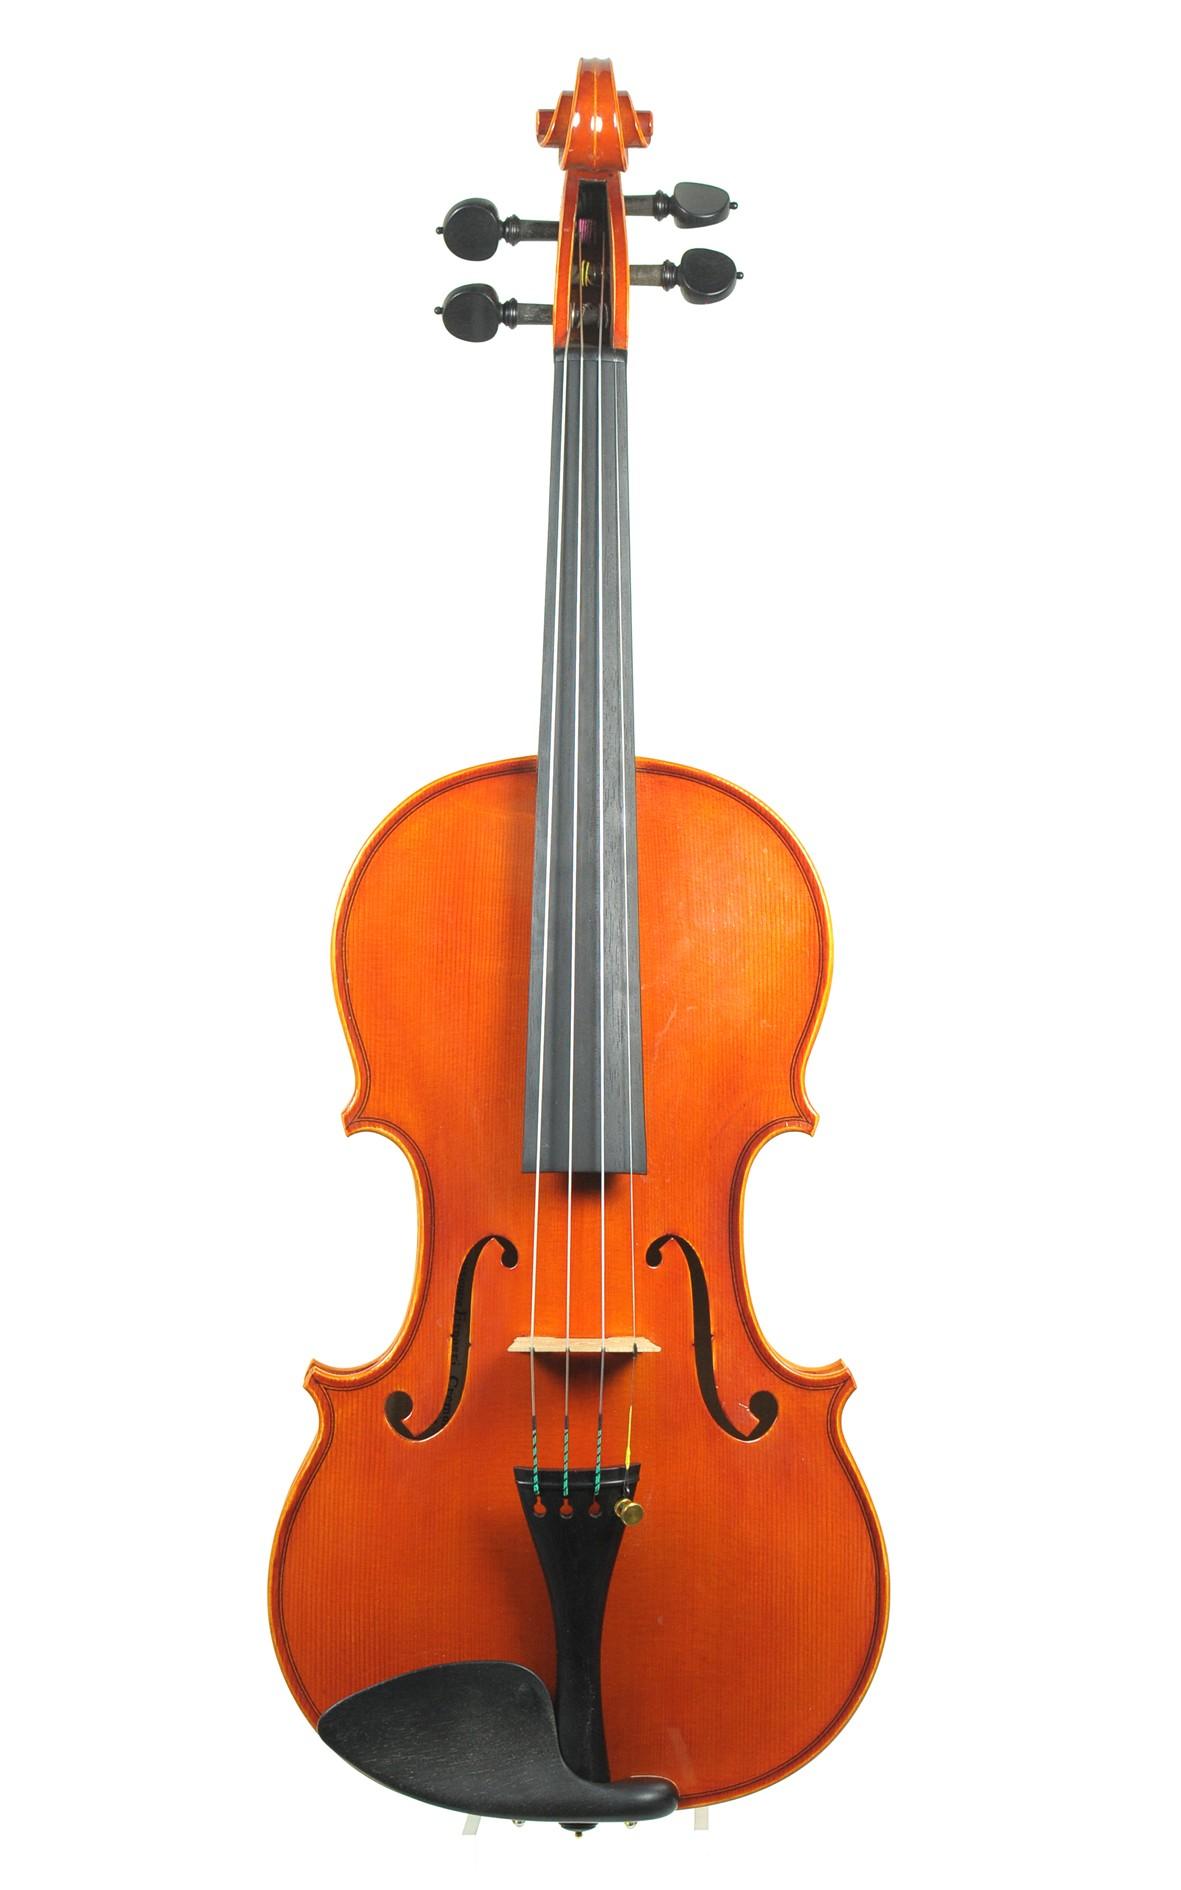 Cremonese master violin, Piergiuseppe Esposti, 1998 - top